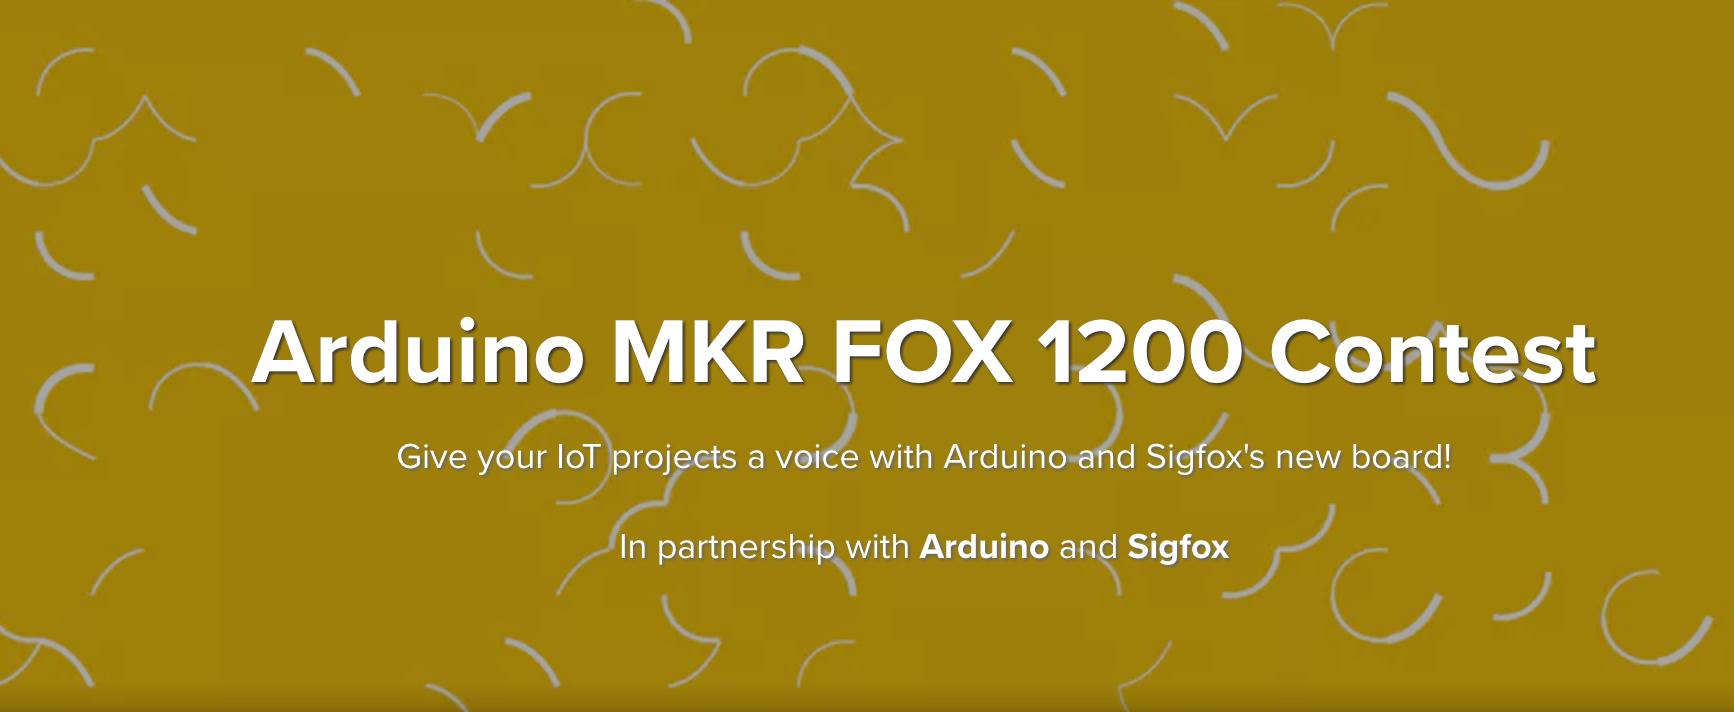 @Sigfox y @Arduino MKR FOX 1200 convocan a un concurso para crear proyectos innovadores en la red mundial LPWA